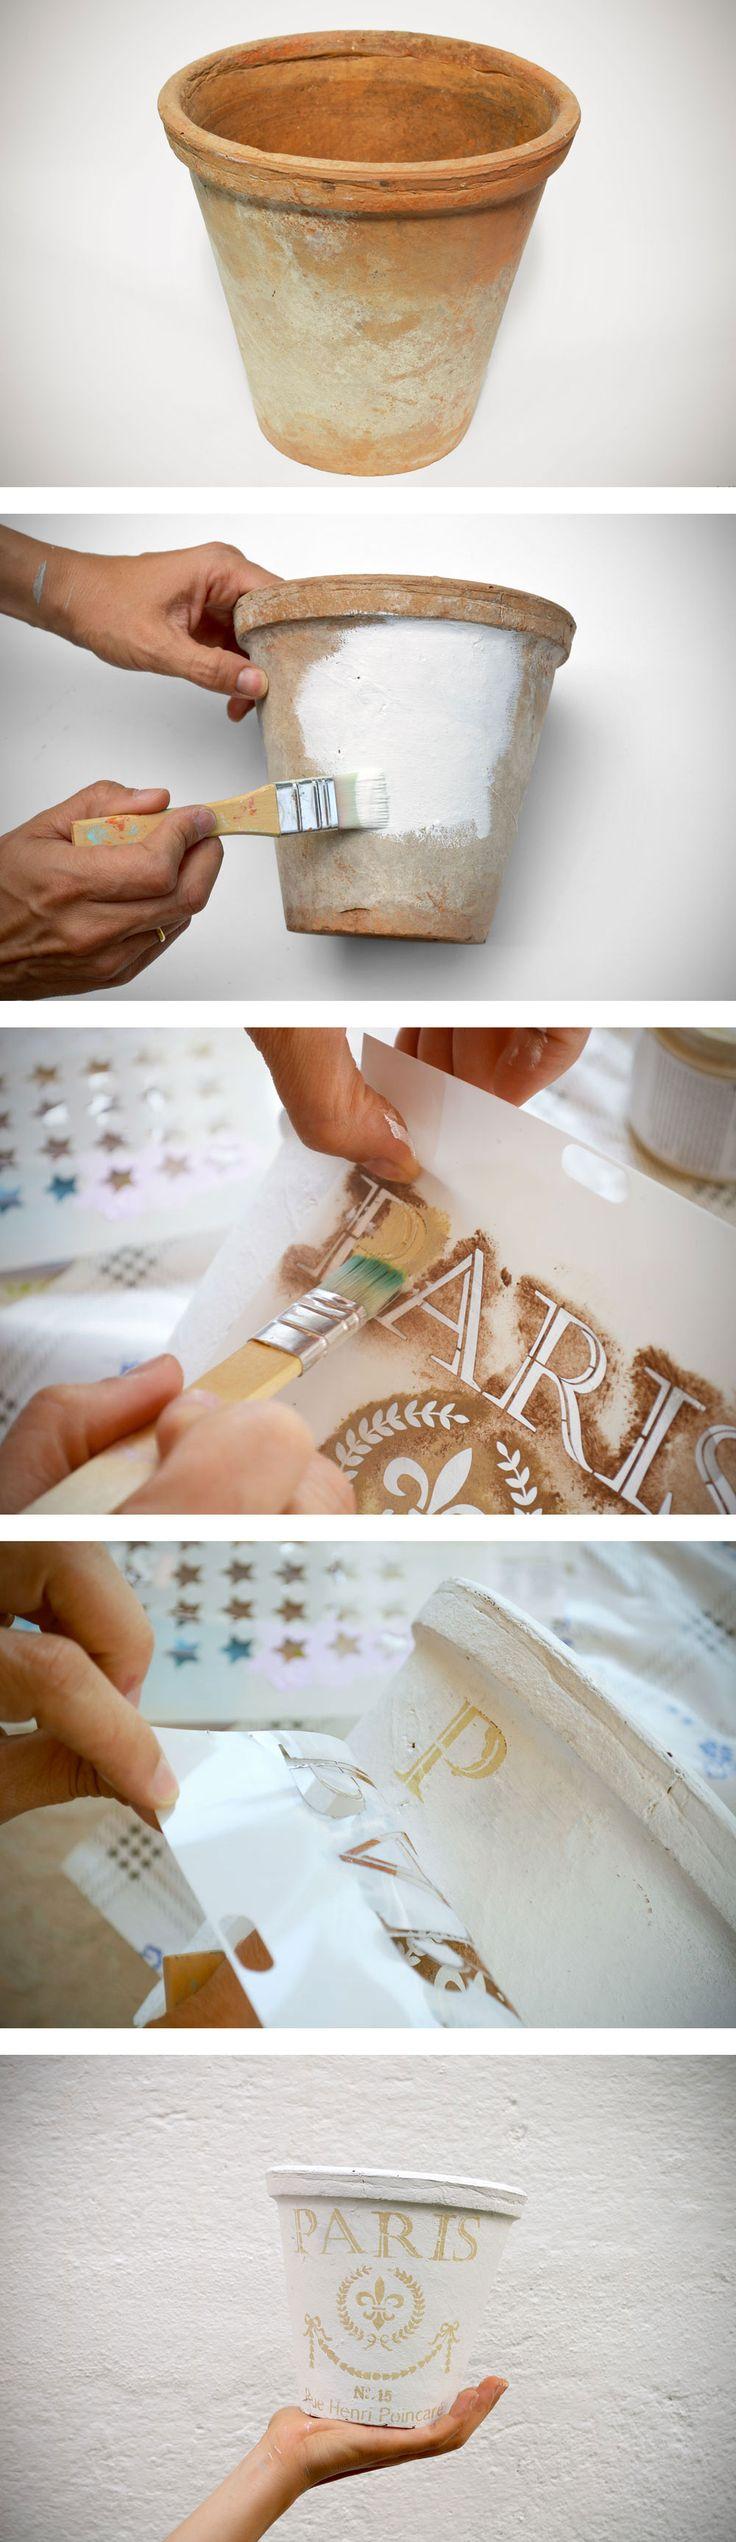 DIY - Maceta de barro reciclada con chalk paint y stencil.